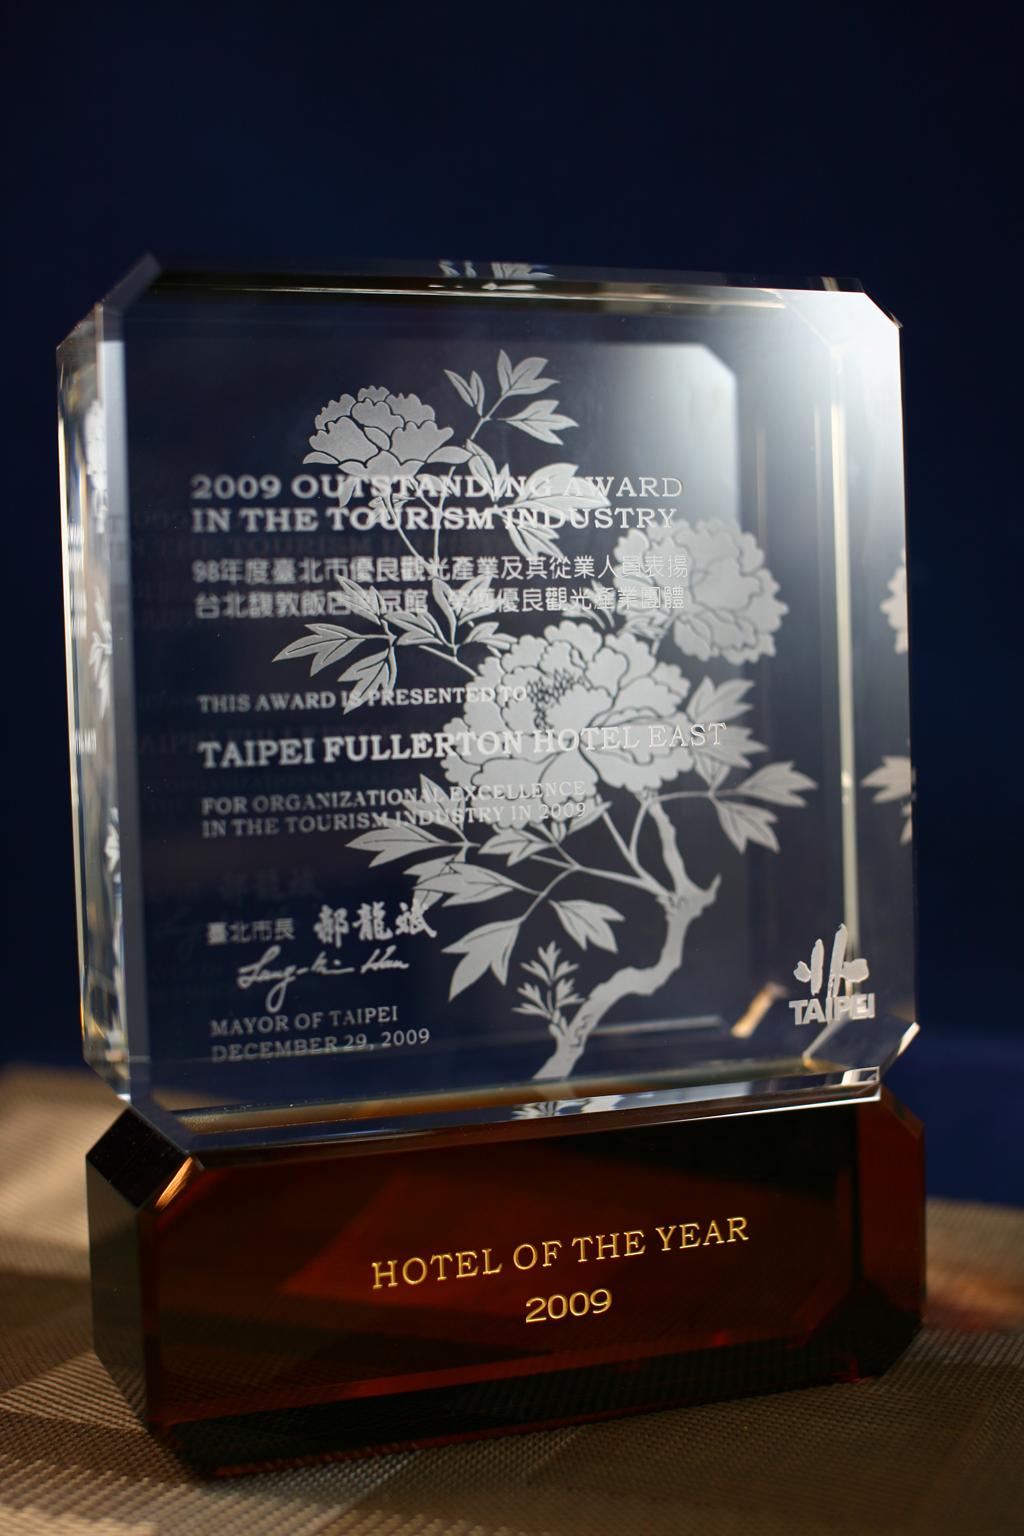 台北馥敦南京館雙喜臨門 獲選「98年度優良觀光產業」及「接待2009聽障奧運旅館評核特優獎」